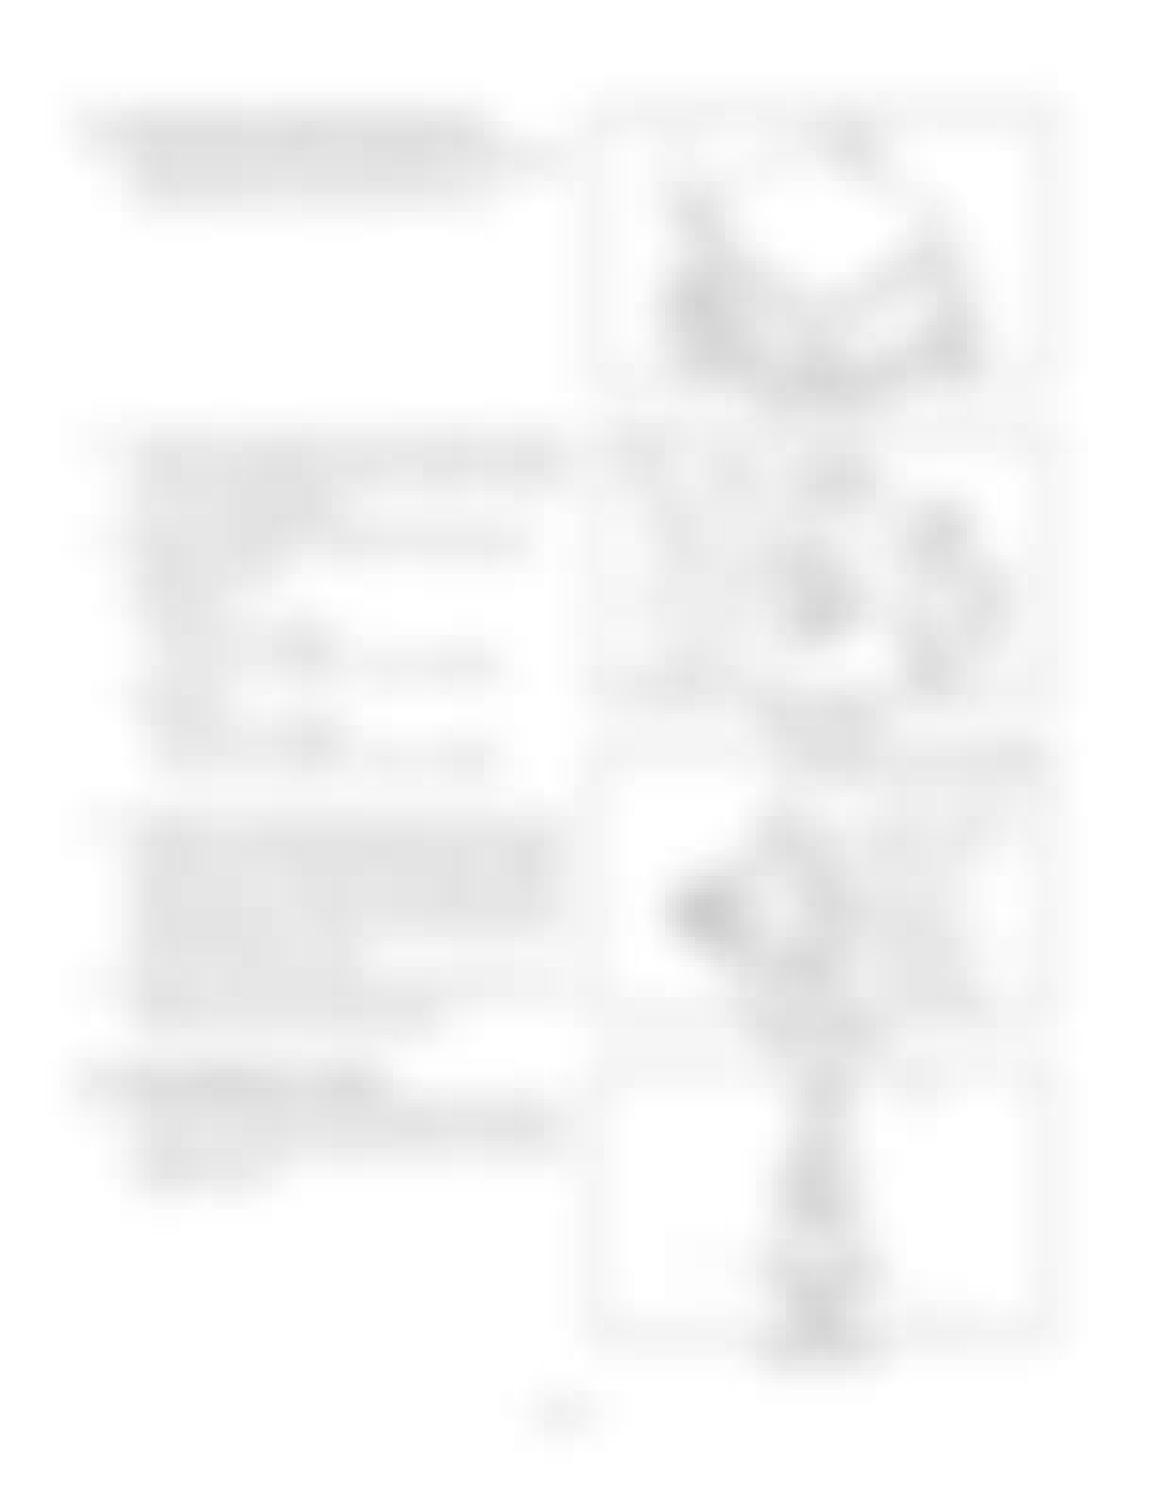 Hitachi LX110-7 LX130-7 LX160-7 LX190-7 LX230-7 Wheel Loader Workshop Manual - PDF DOWNLOAD page 226